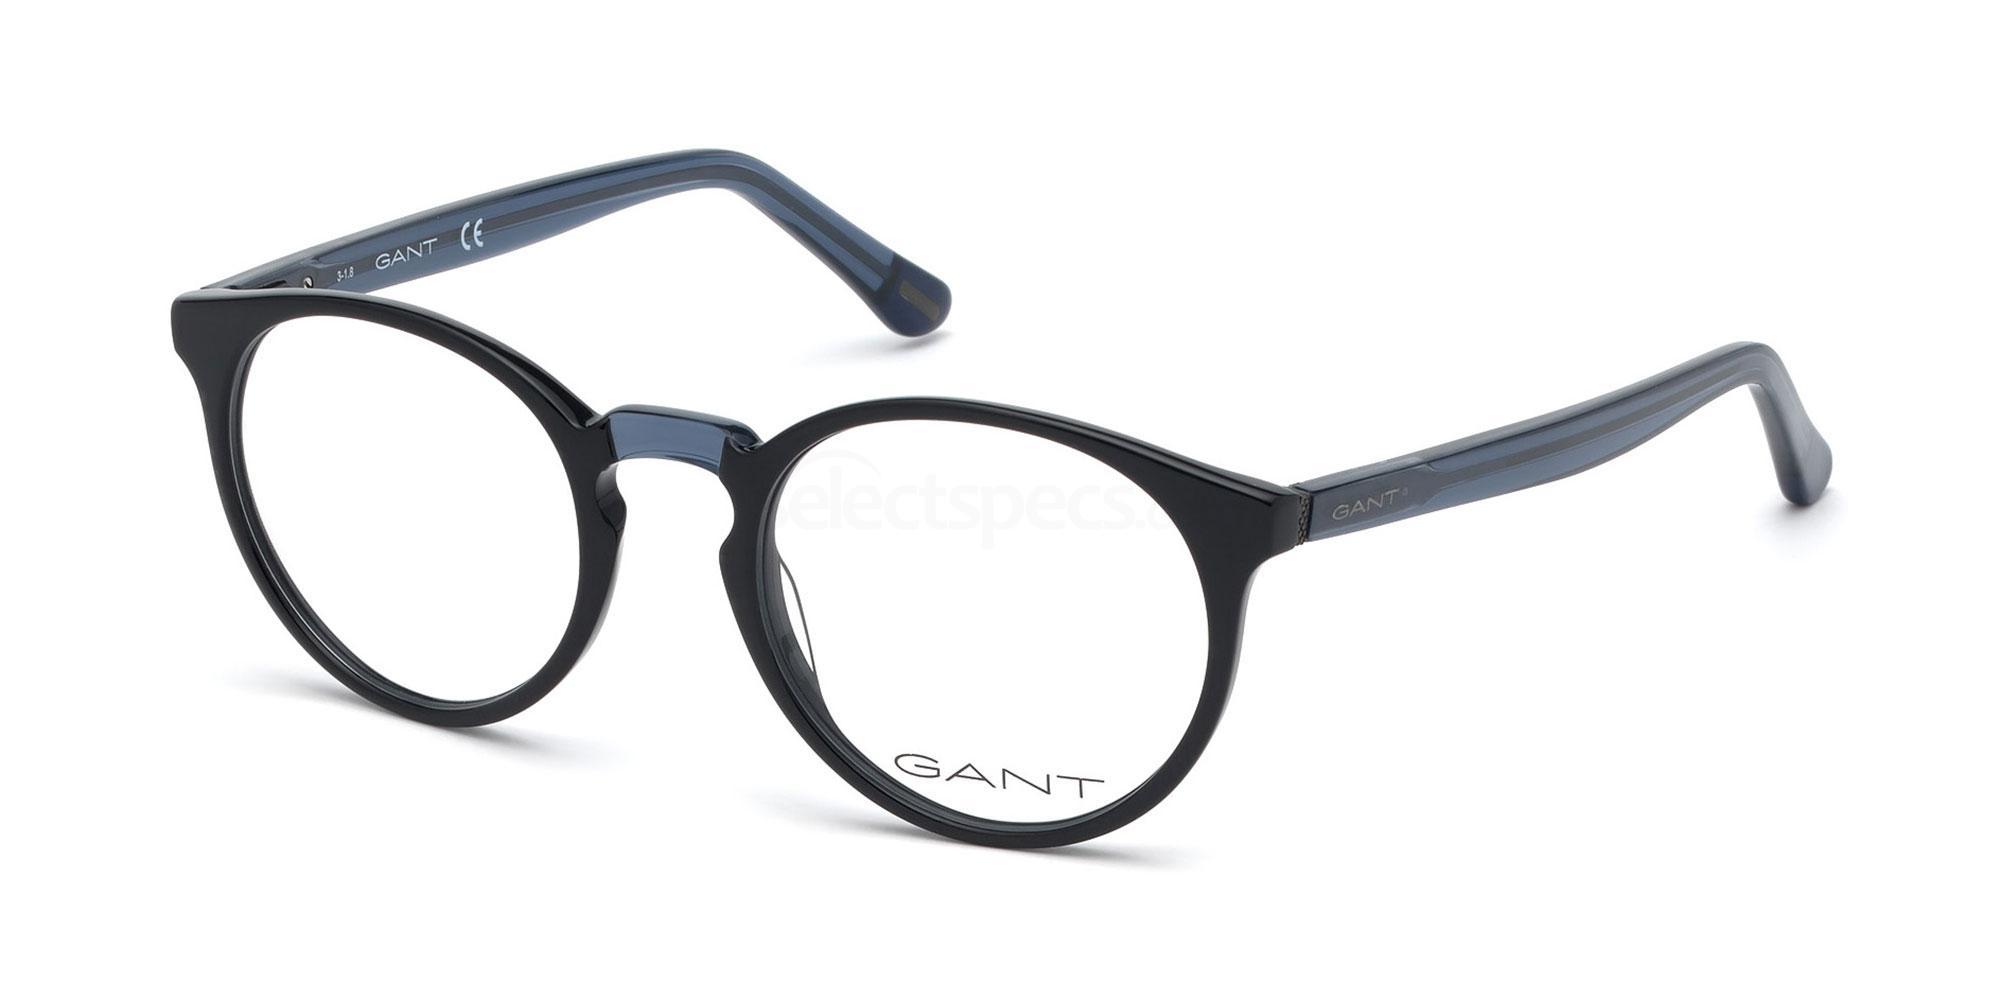 001 GA3184 Glasses, Gant